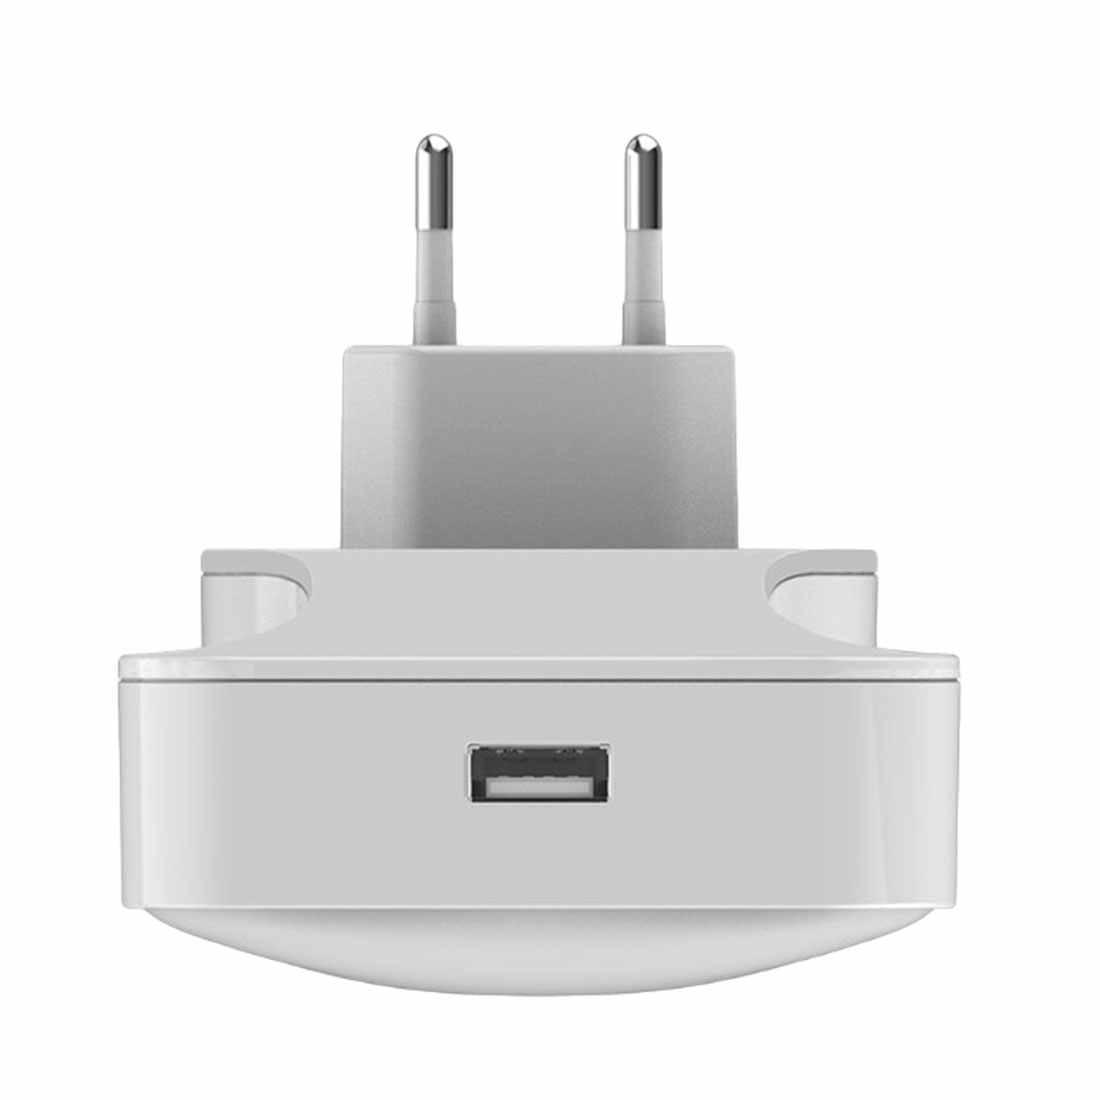 Умная розетка ночник белый теплый свет переключаемый мини USB Заряженная светодиодная Индукционная лампа ЕС/США штекер